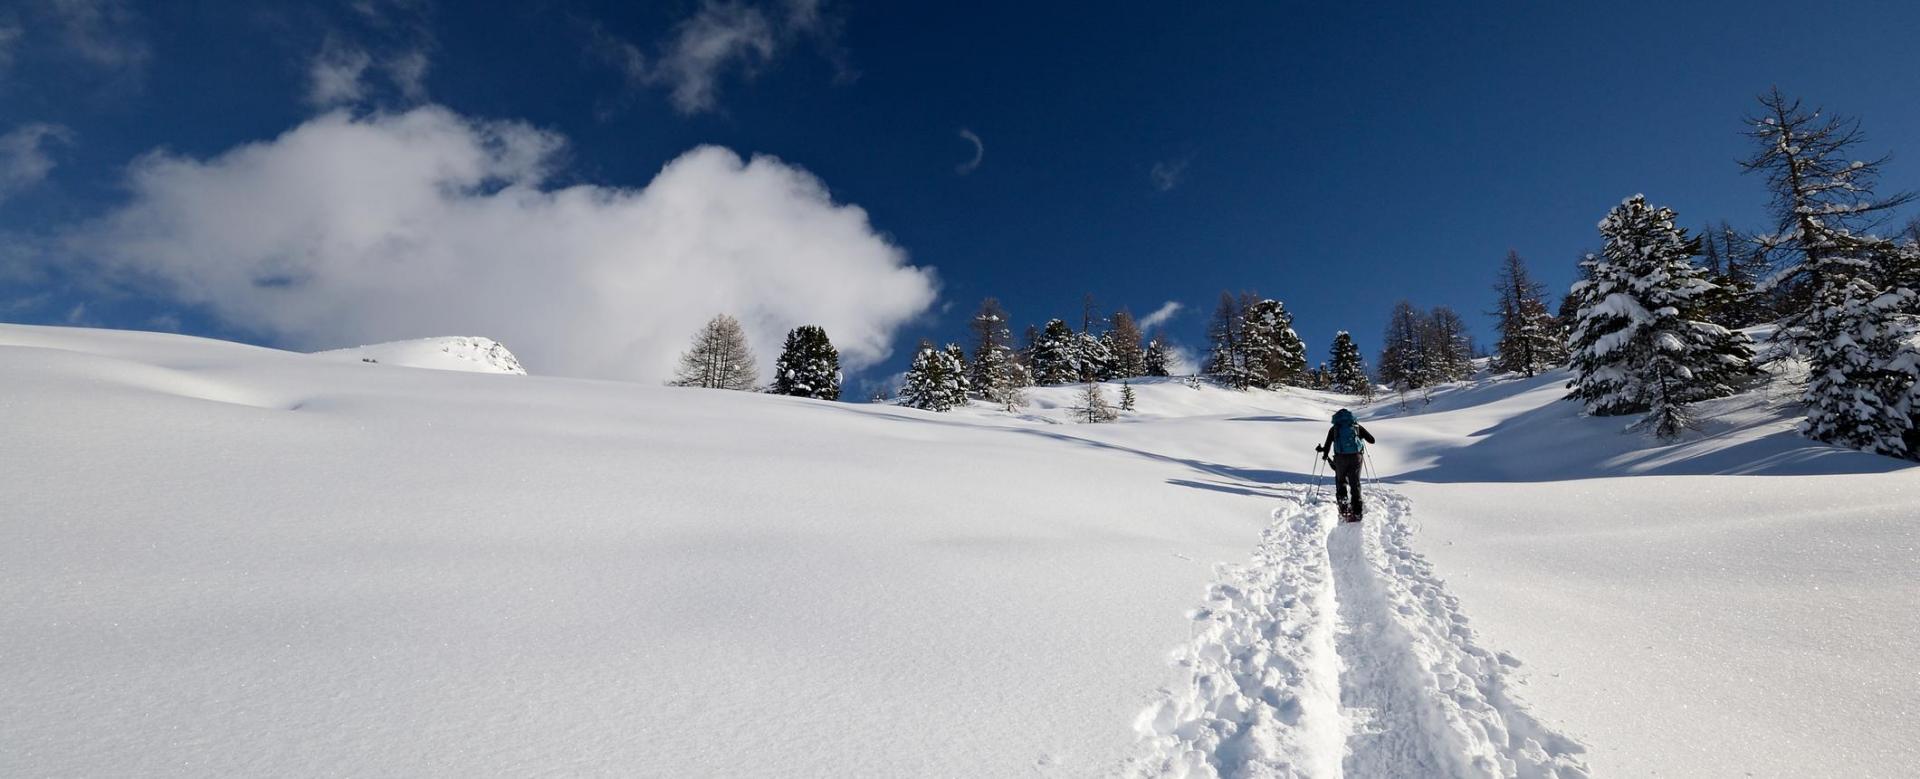 Voyage à la neige : Réveillon au pied des volcans